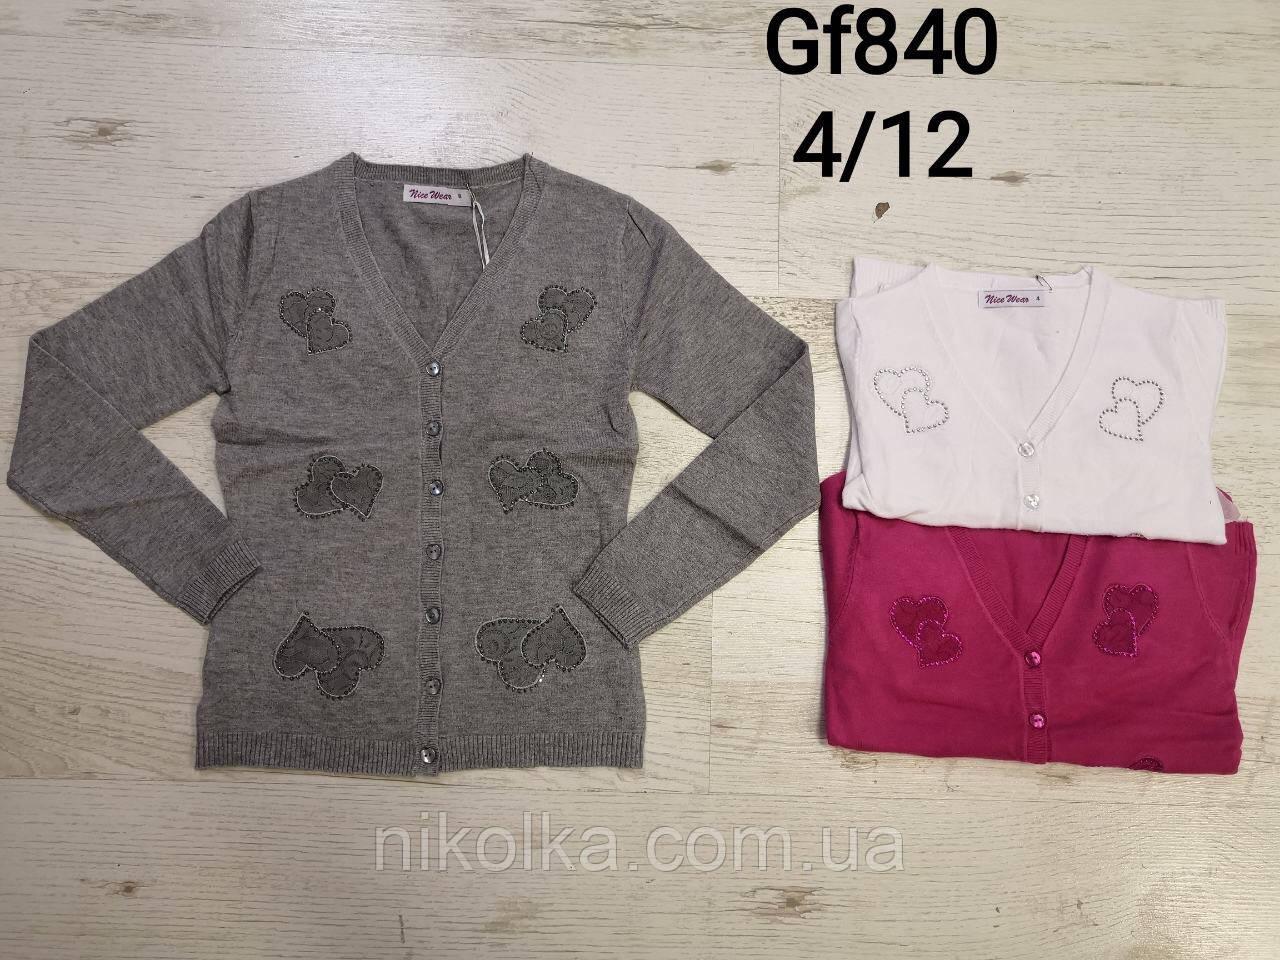 Свитер для девочек оптом, Nice Wear, 4-12 лет, aрт. GF840